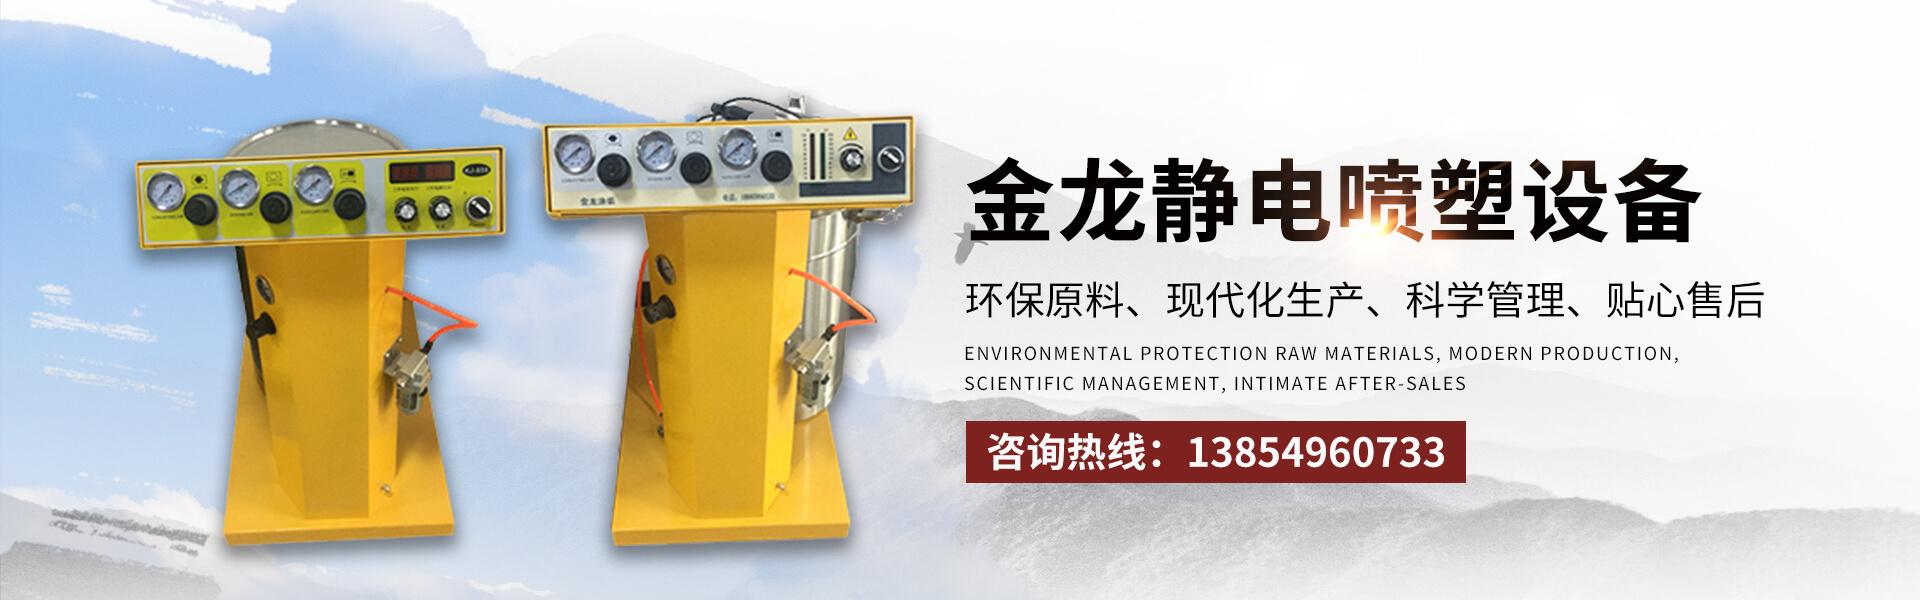 喷塑设备价格,静电喷塑设备厂,喷塑流水线设备,喷塑设备厂家